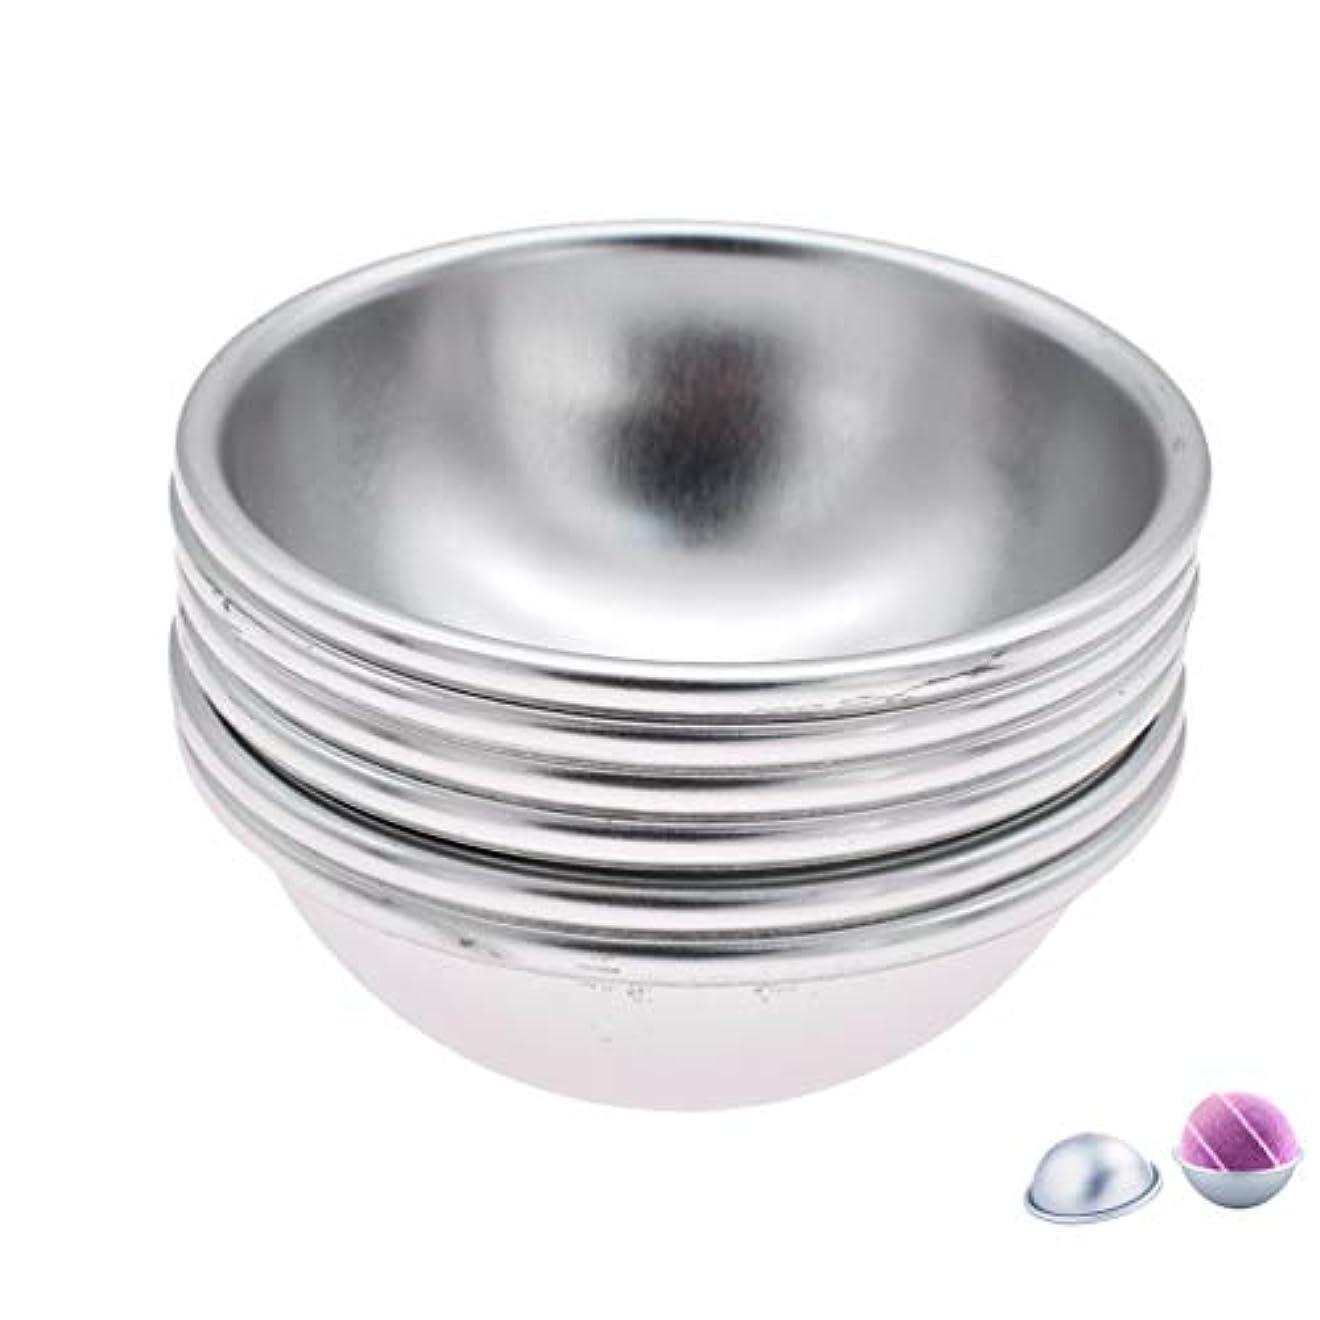 計算ソケット対応(ライチ) Lychee 6個セット バスボム型 石鹸製造ツールセット 円形金型 DIYソープ ハンドメイド 食品にも使用可 ケーキ型 お菓子型